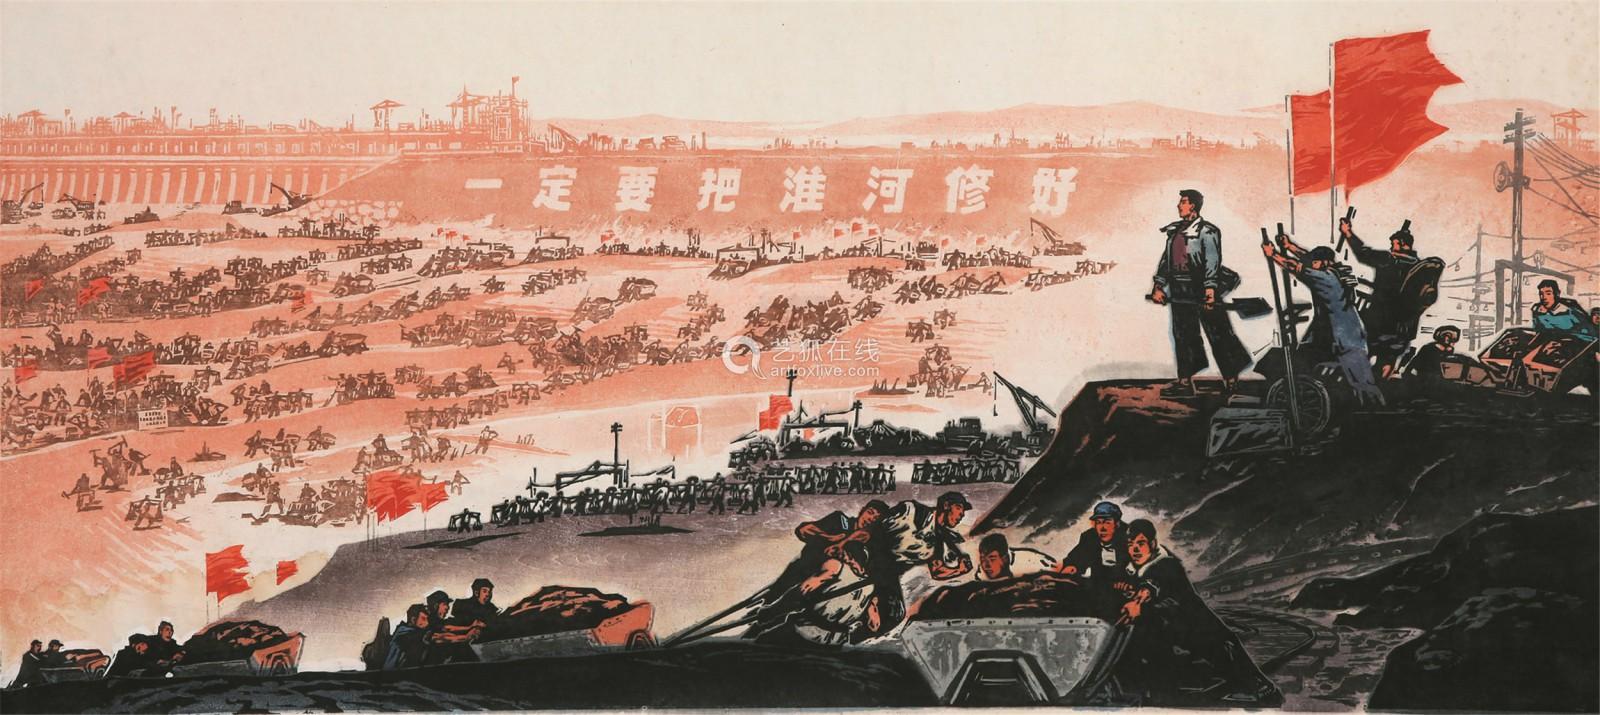 看历史:人民领袖毛泽东,迎难而上治水患